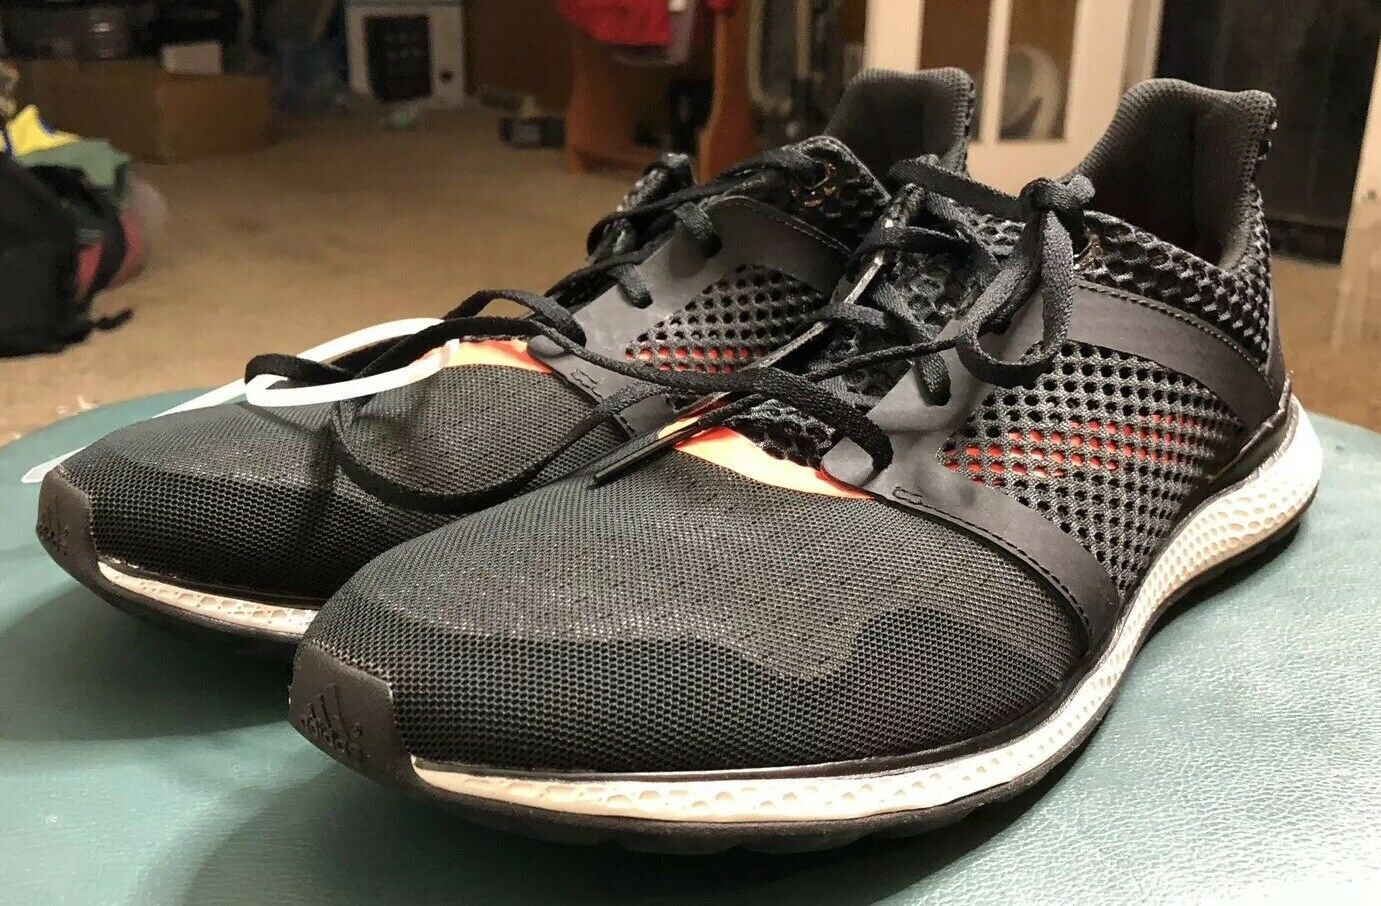 New Without Box Adidas Bounce Men's Size 12.5 Black orange 114864381